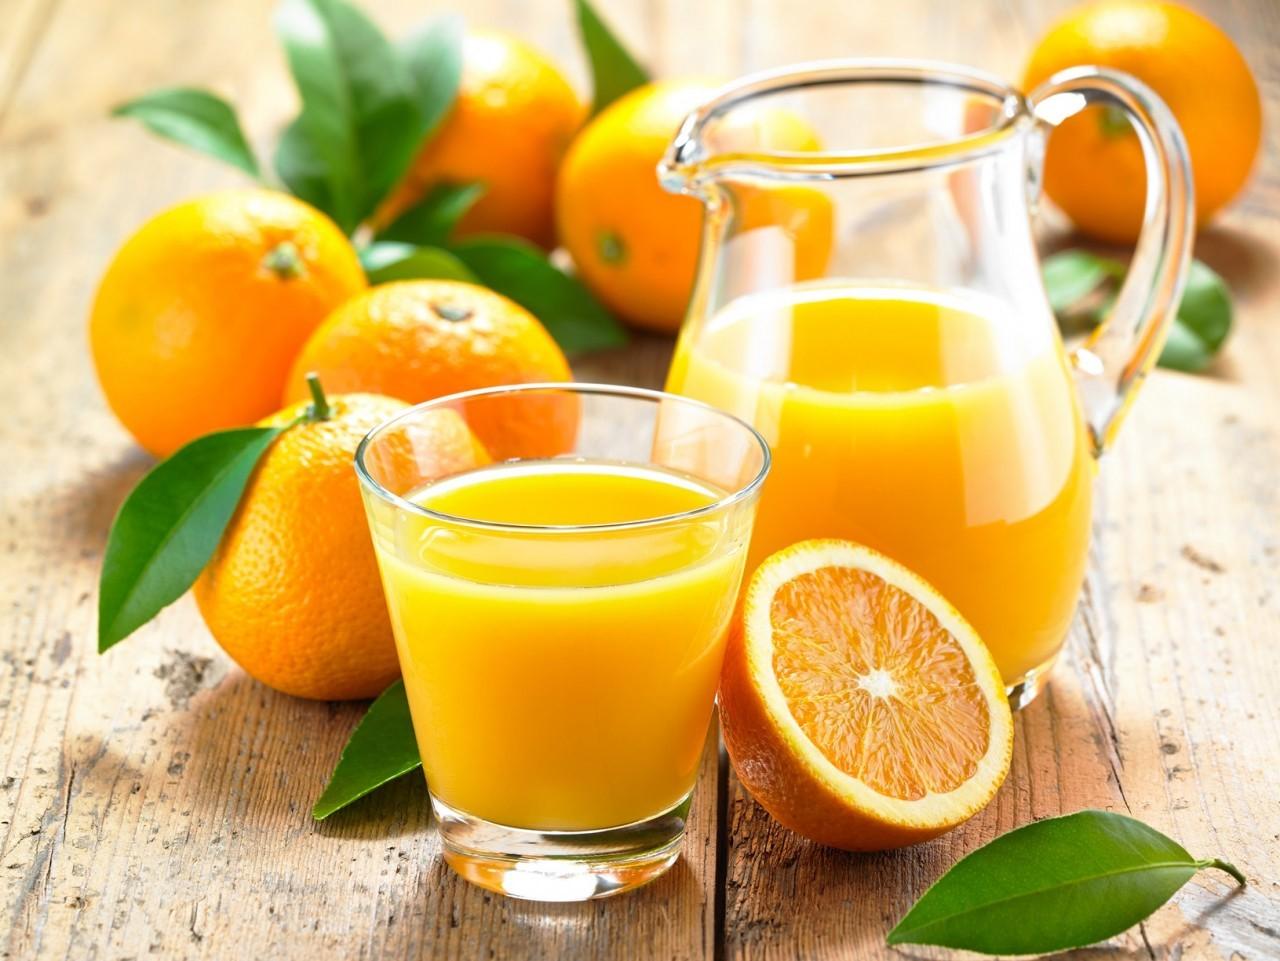 Тестирование мультифруктовых нектаров: продукты каких брендов можно пить